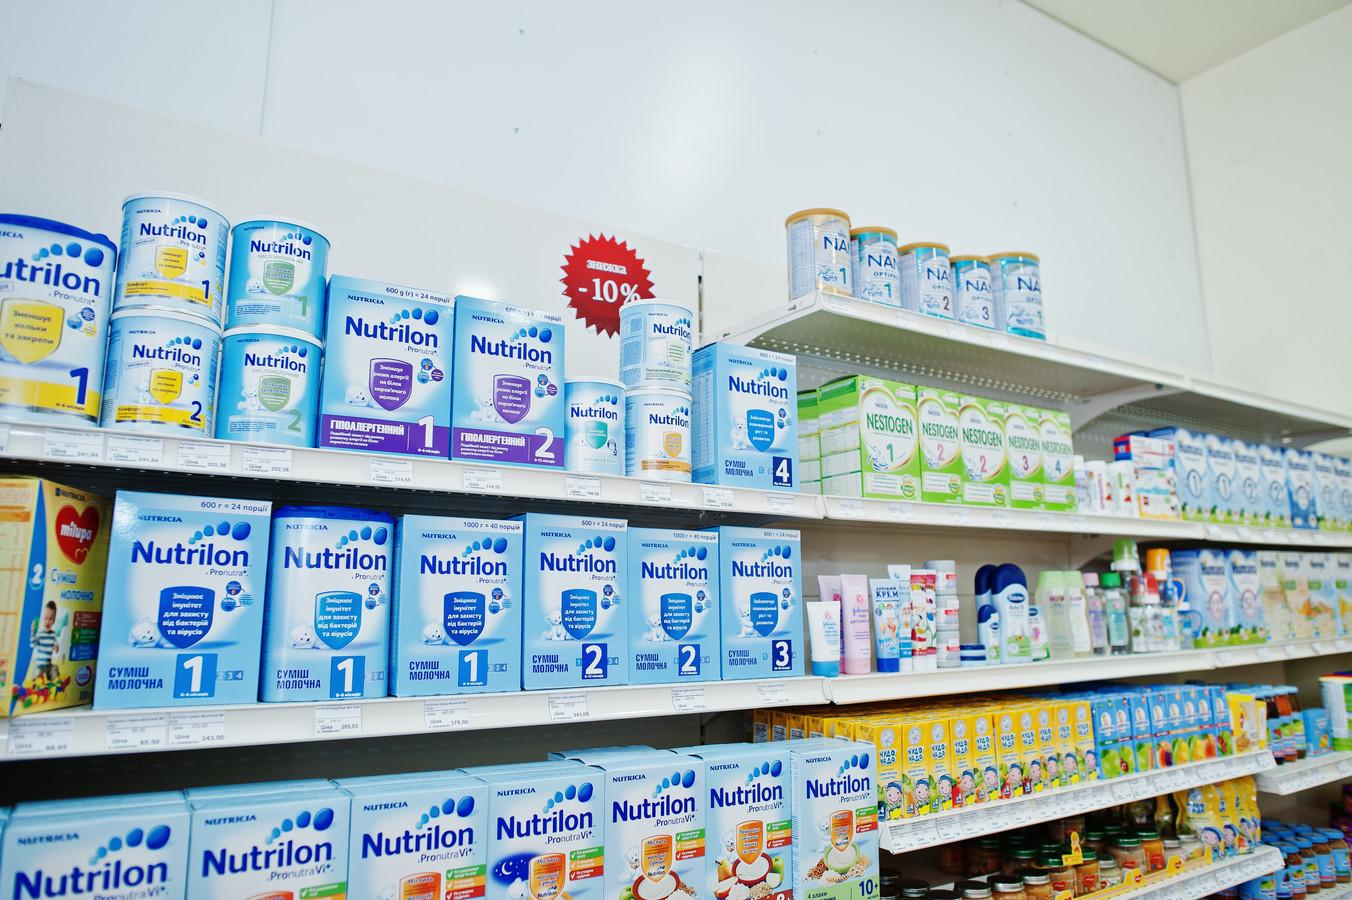 Tussen A-merken en huismerken zit geen verschil. In de basis is zuigelingenvoeding allemaal hetzelfde.